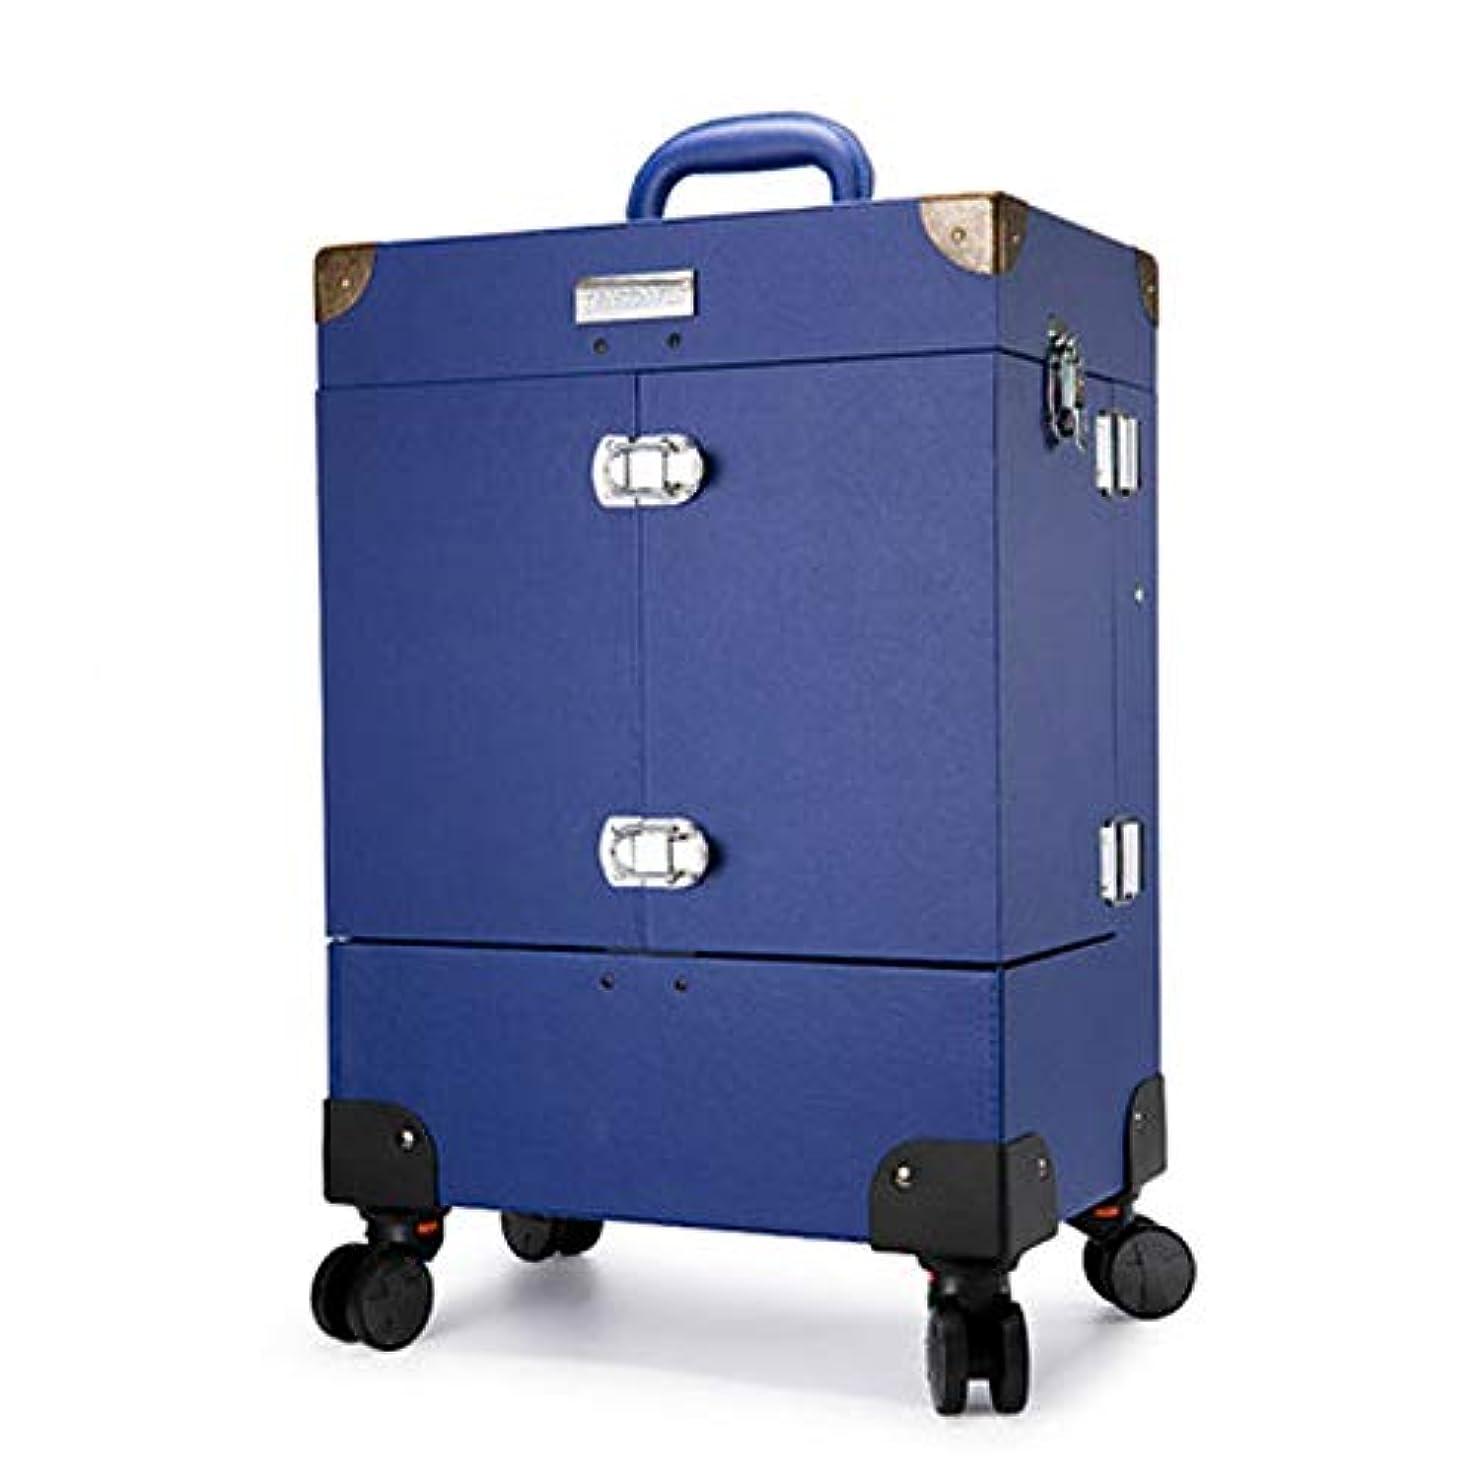 大事にするライオネルグリーンストリートアパートプロ専用 ネイリスト クローゼット スーツケース ネイル収納 メイクボックス キャリーバッグ ヘアメイク ネイル 大容量 軽量 高品質 多機能 プロ I-JL-3505T-BL